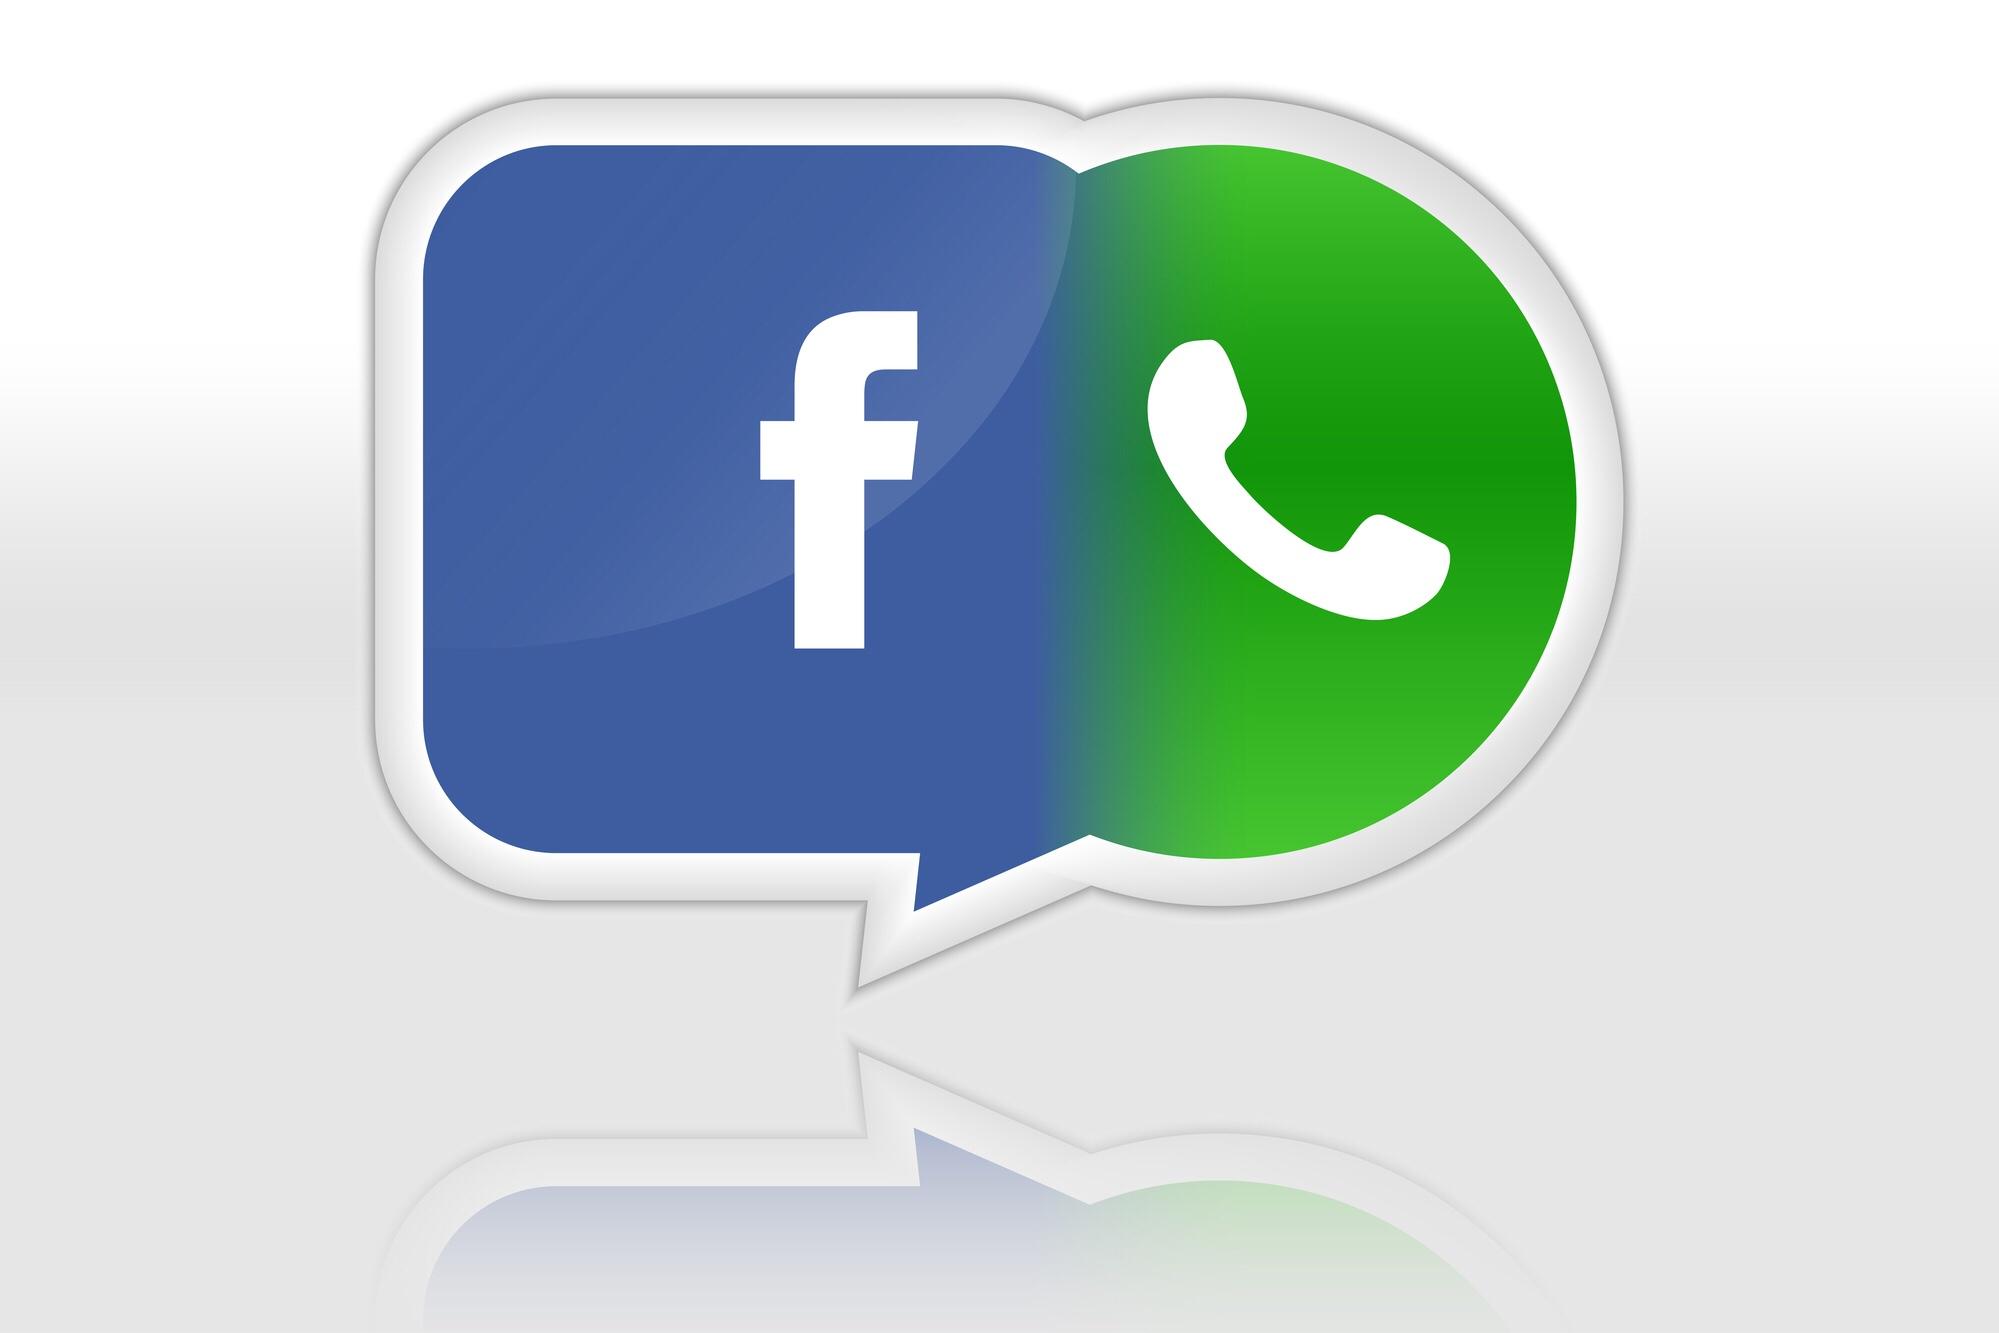 WhatsApp e la condivisione dei dati con Facebook: la sentenza europea